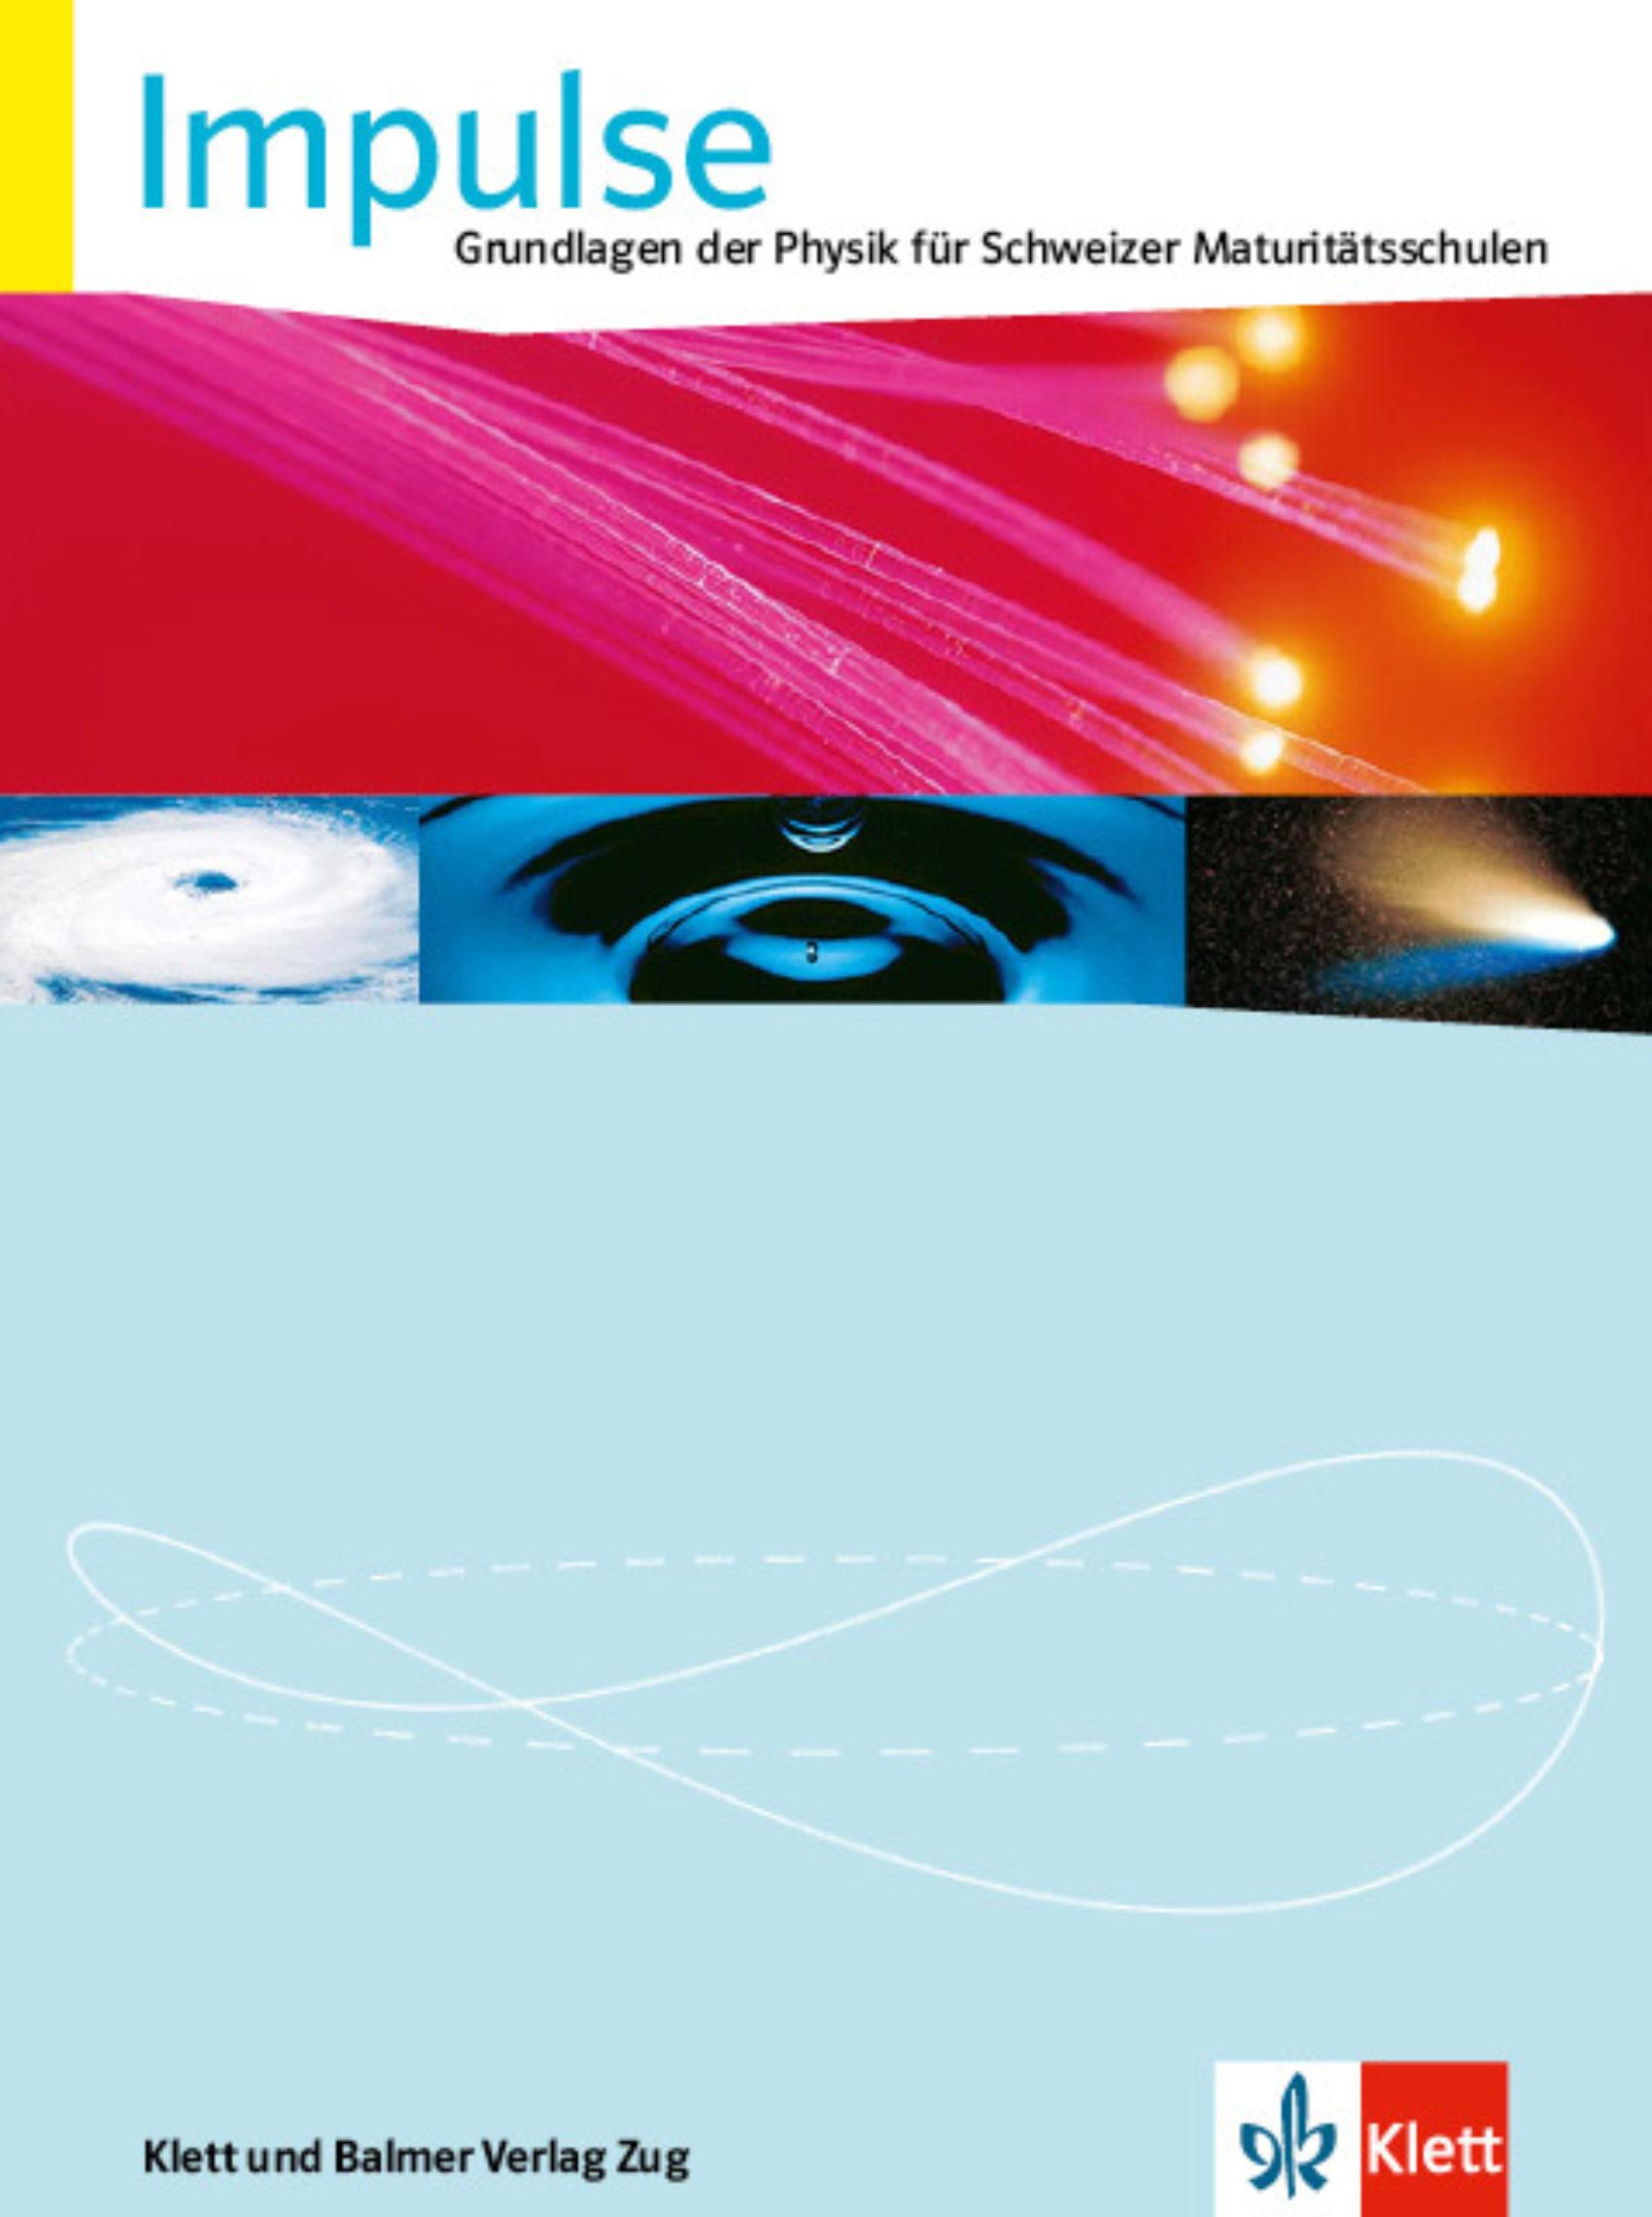 Schulbuch impulse 978 3 264 83935 7 klett und balmer